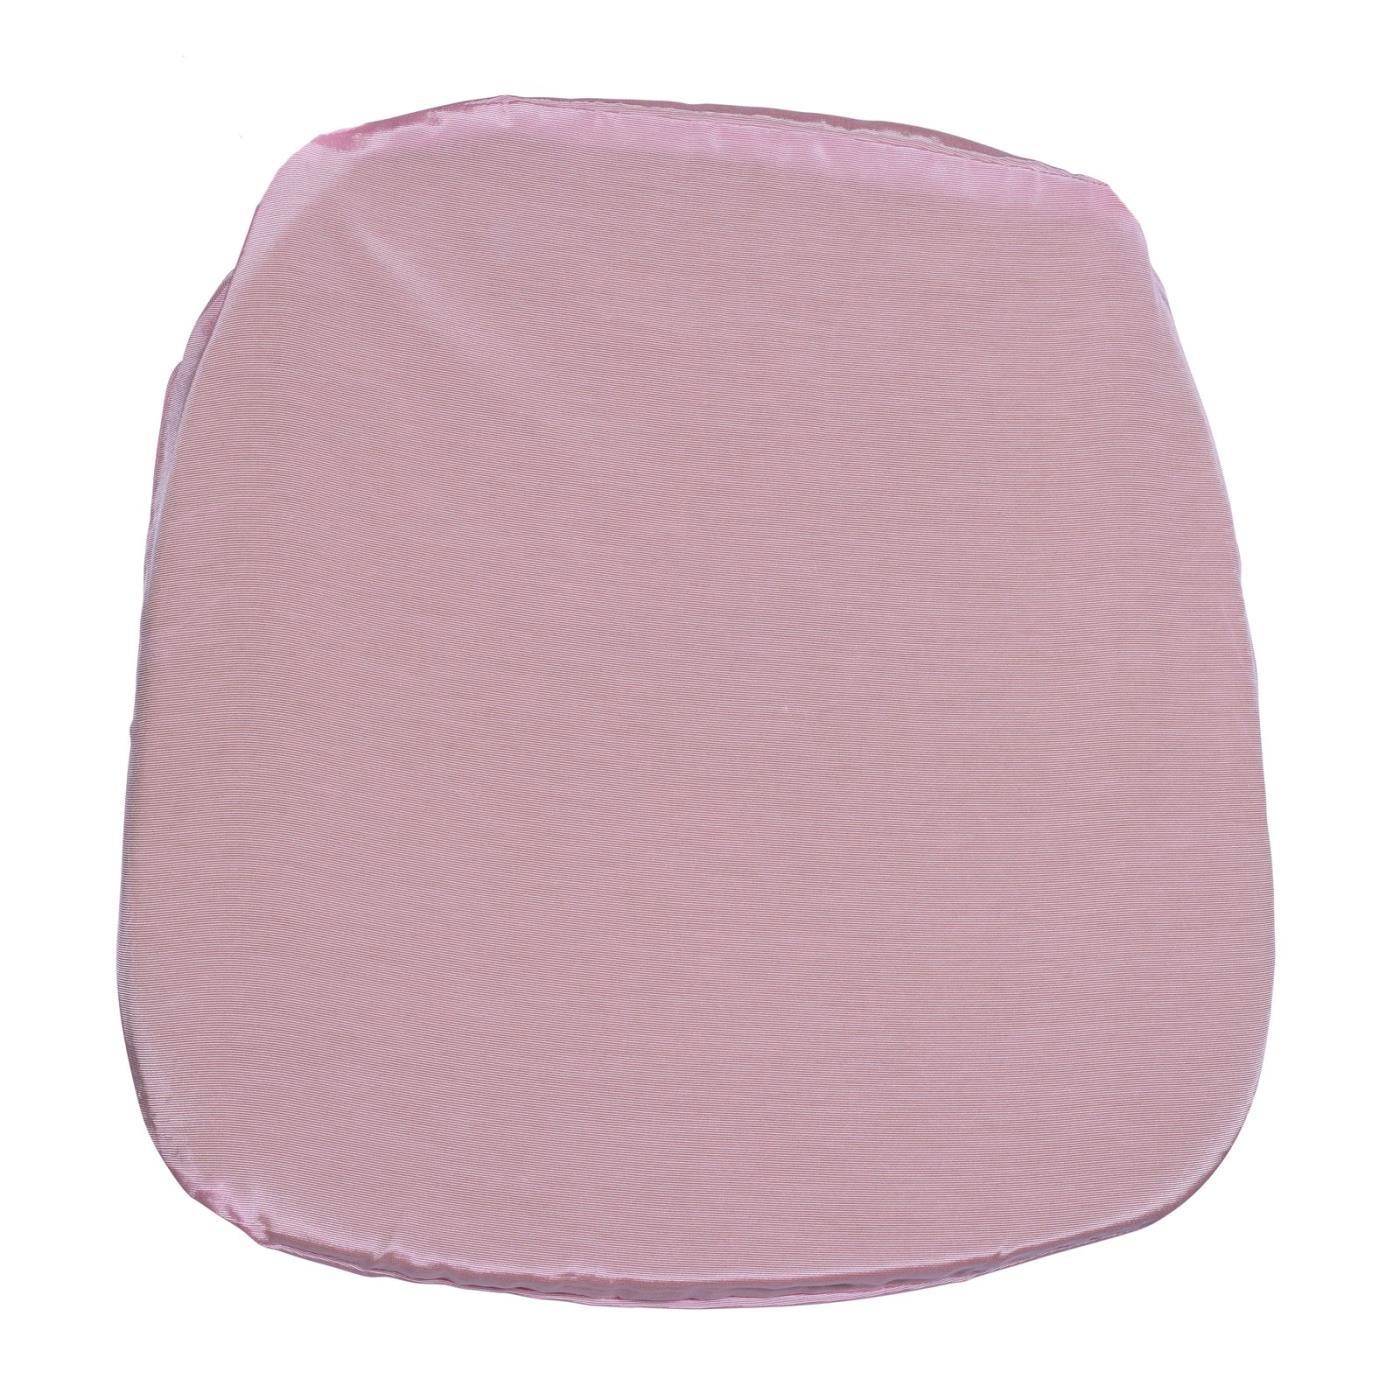 Bengaline Seat Cushion - Baby Pink